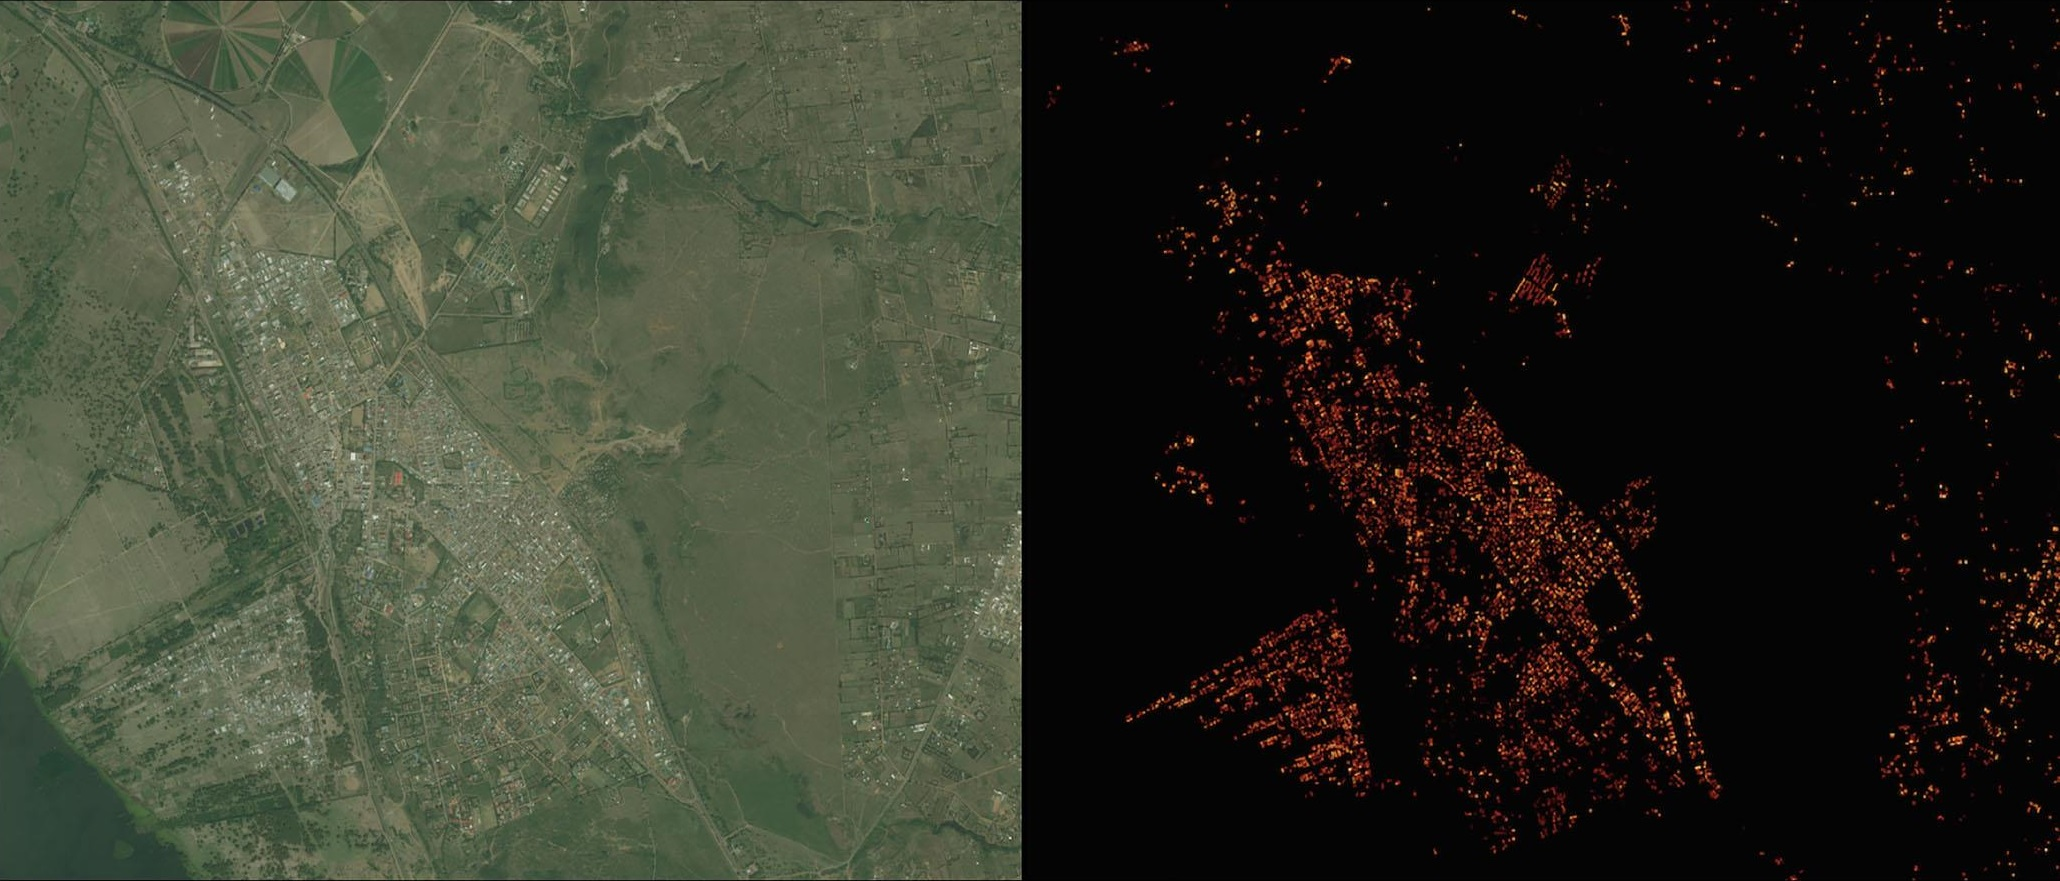 À esquerda, mapa de Naivasha da Universidade de Columbia, à direita a representação dos povoamentos feita pelo Facebook (Divulgação)